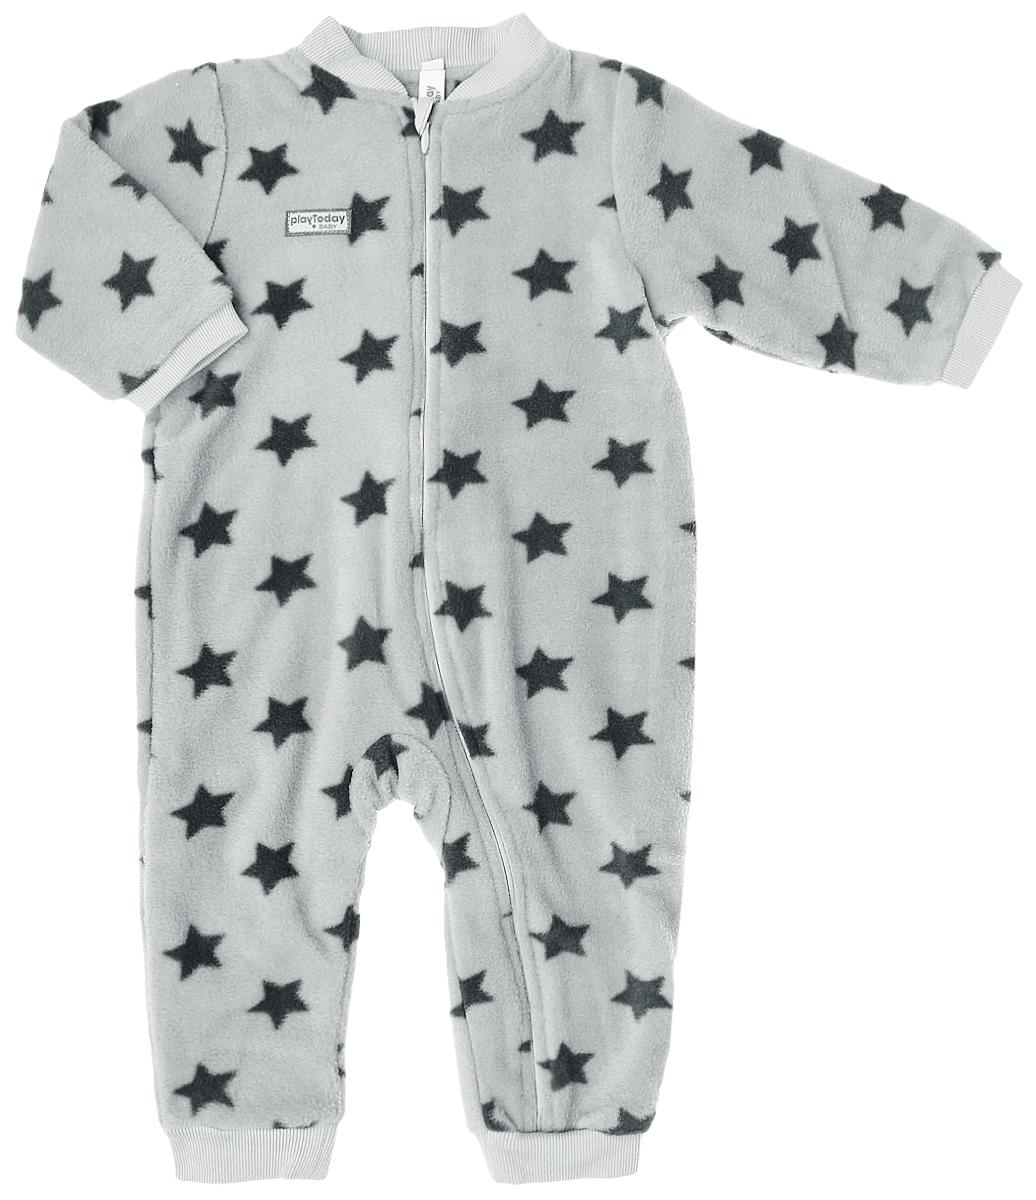 Комбинезон домашний177802Теплый комбинезон для мальчика PlayToday Baby выполнен из полиэстера и имеет подкладку из натурального хлопка, благодаря чему превосходно пропускает воздух и не раздражает нежную кожу ребенка. Комбинезон с круглым вырезом горловины, длинными рукавами и открытыми ножками застегивается на длинную застежку-молнию с защитой подбородка, которая помогает легко переодеть младенца или сменить подгузник. Вырез горловины дополнен эластичной вставкой. Рукава и брючины изделия дополнены эластичными трикотажными манжетами. Изделие оформлено принтом с изображением звезд.